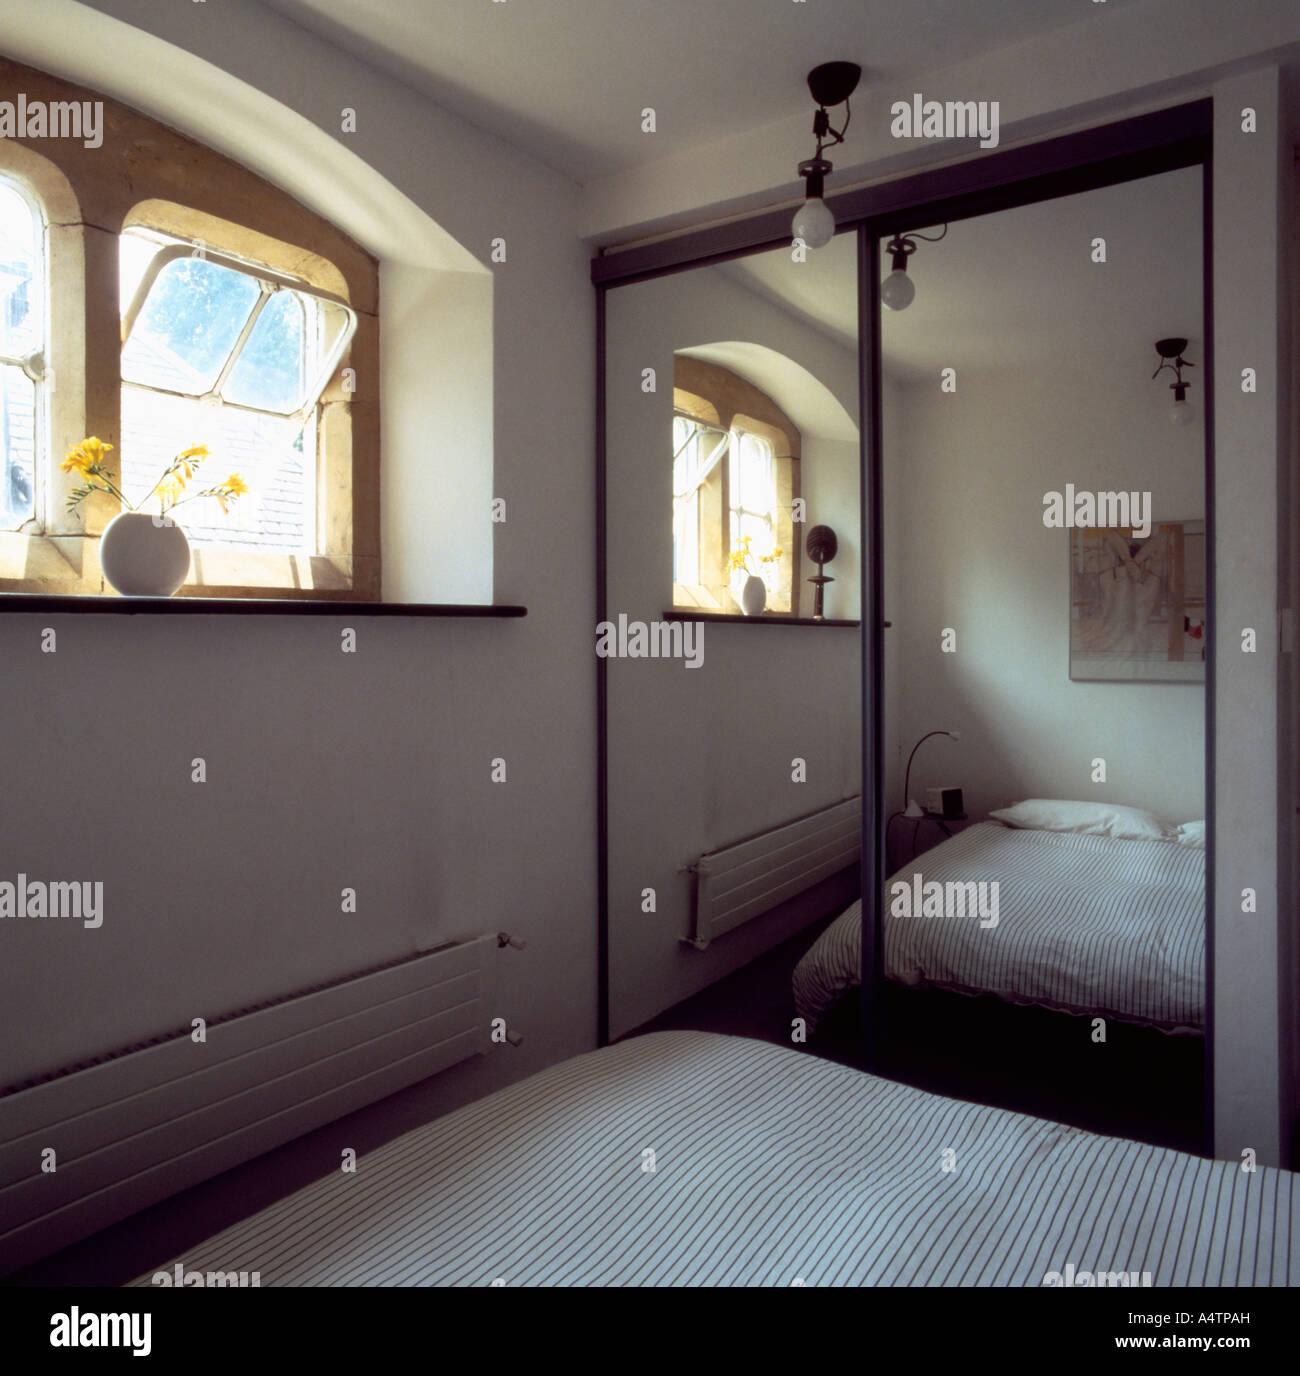 Großer Spiegel an Einbauschrank in kleinen weißen Schlafzimmer mit ...